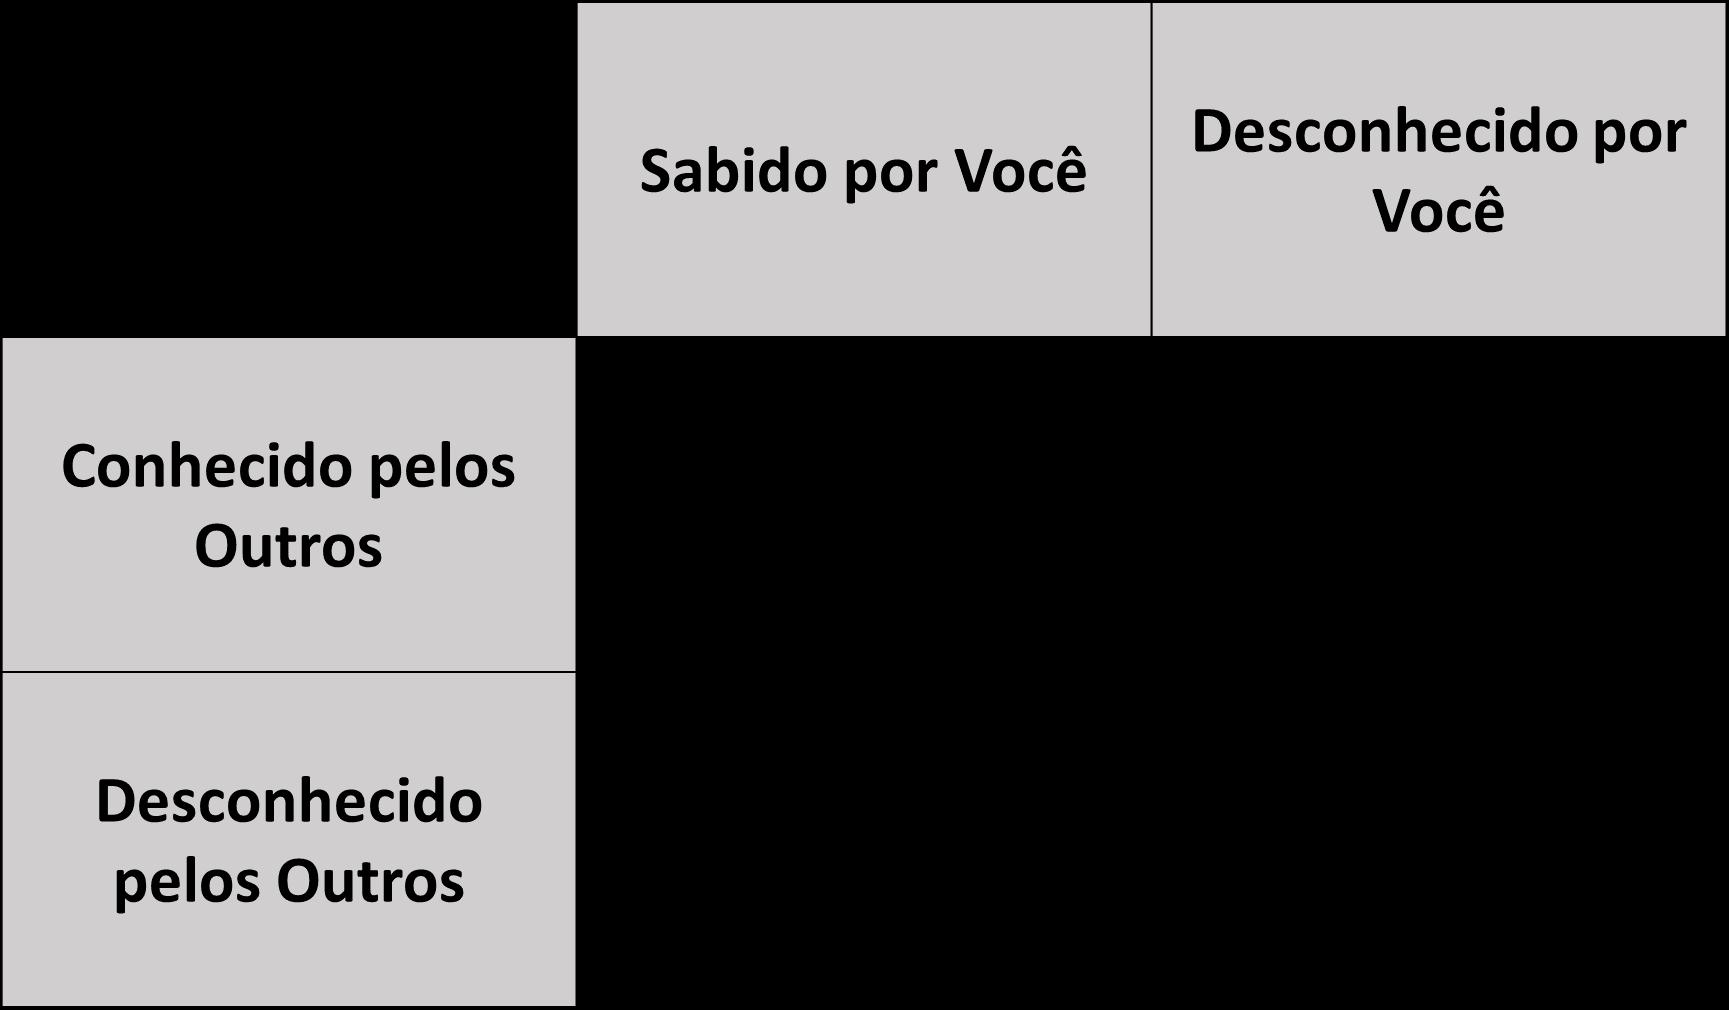 claudio-cardoso-fig-2